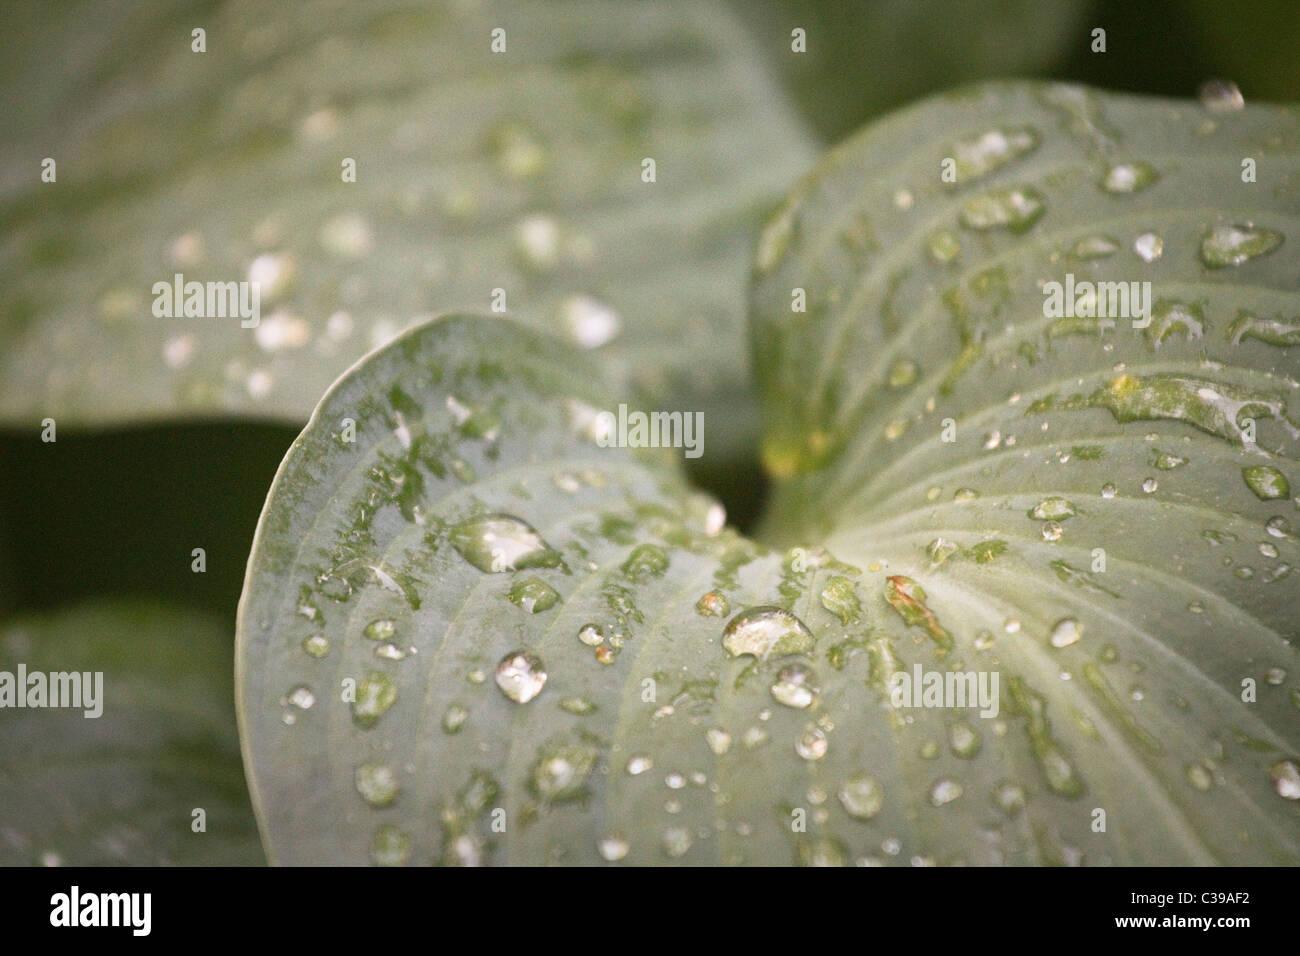 Hoja con gotas de rocío de agua Imagen De Stock